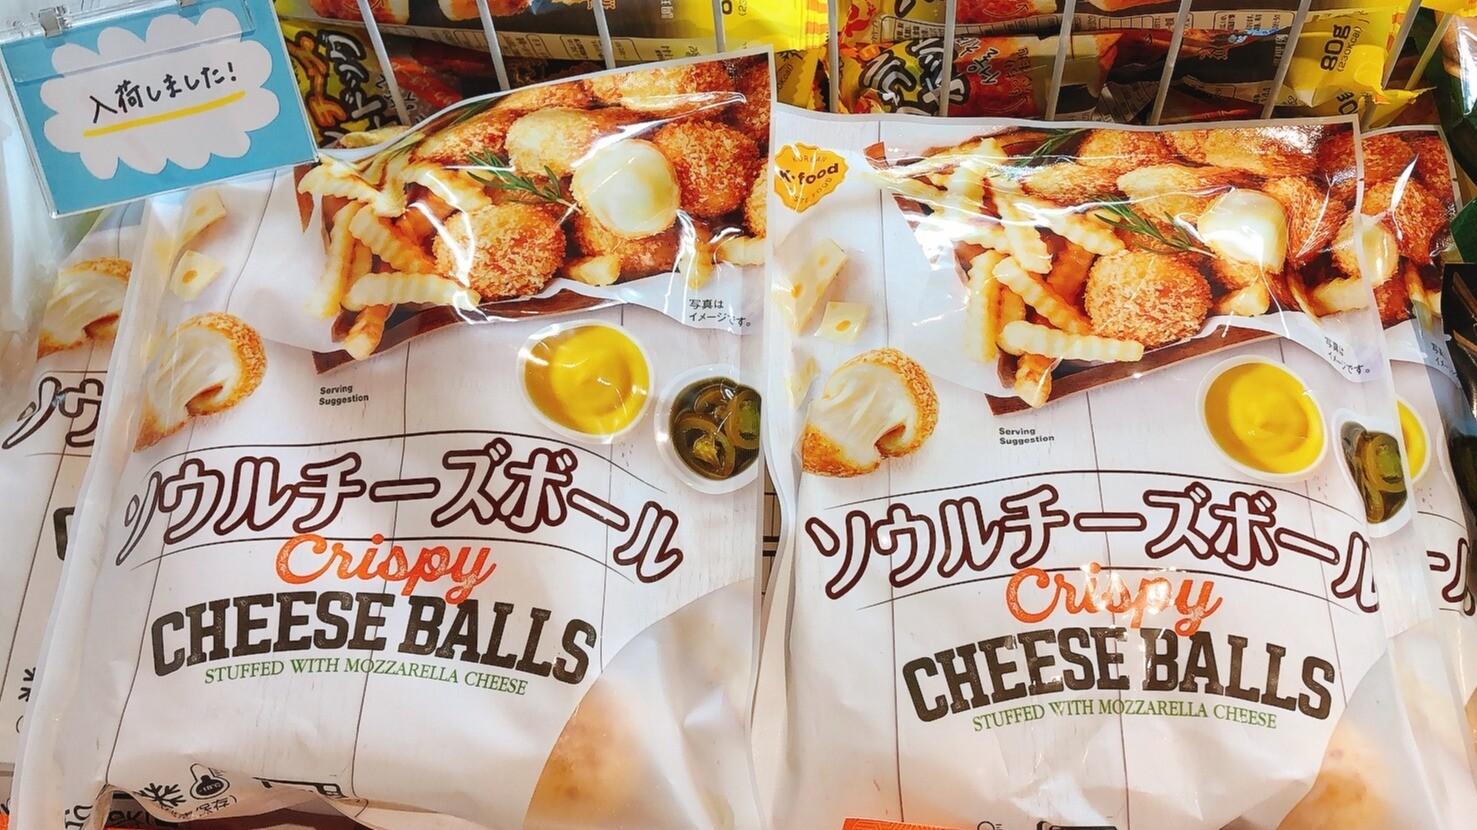 韓国で王道サイドメニュー‼ソウルチーズボール♪入荷いたしました!